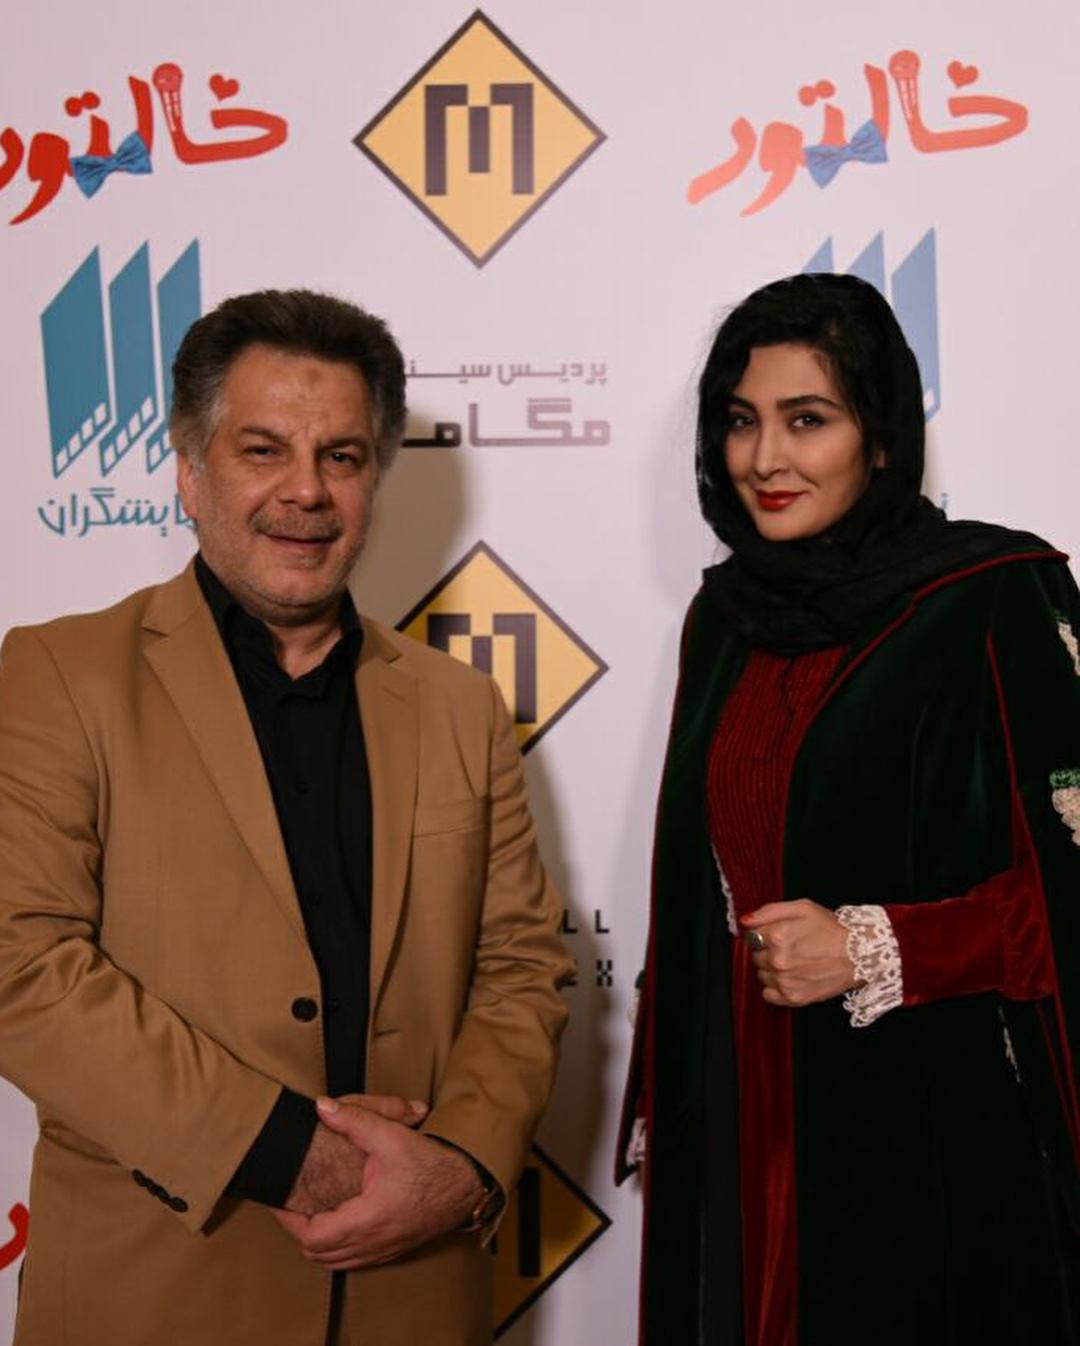 عبدالله علیخانی در اکران افتتاحیه فیلم سینمایی خالتور به همراه مریم معصومی